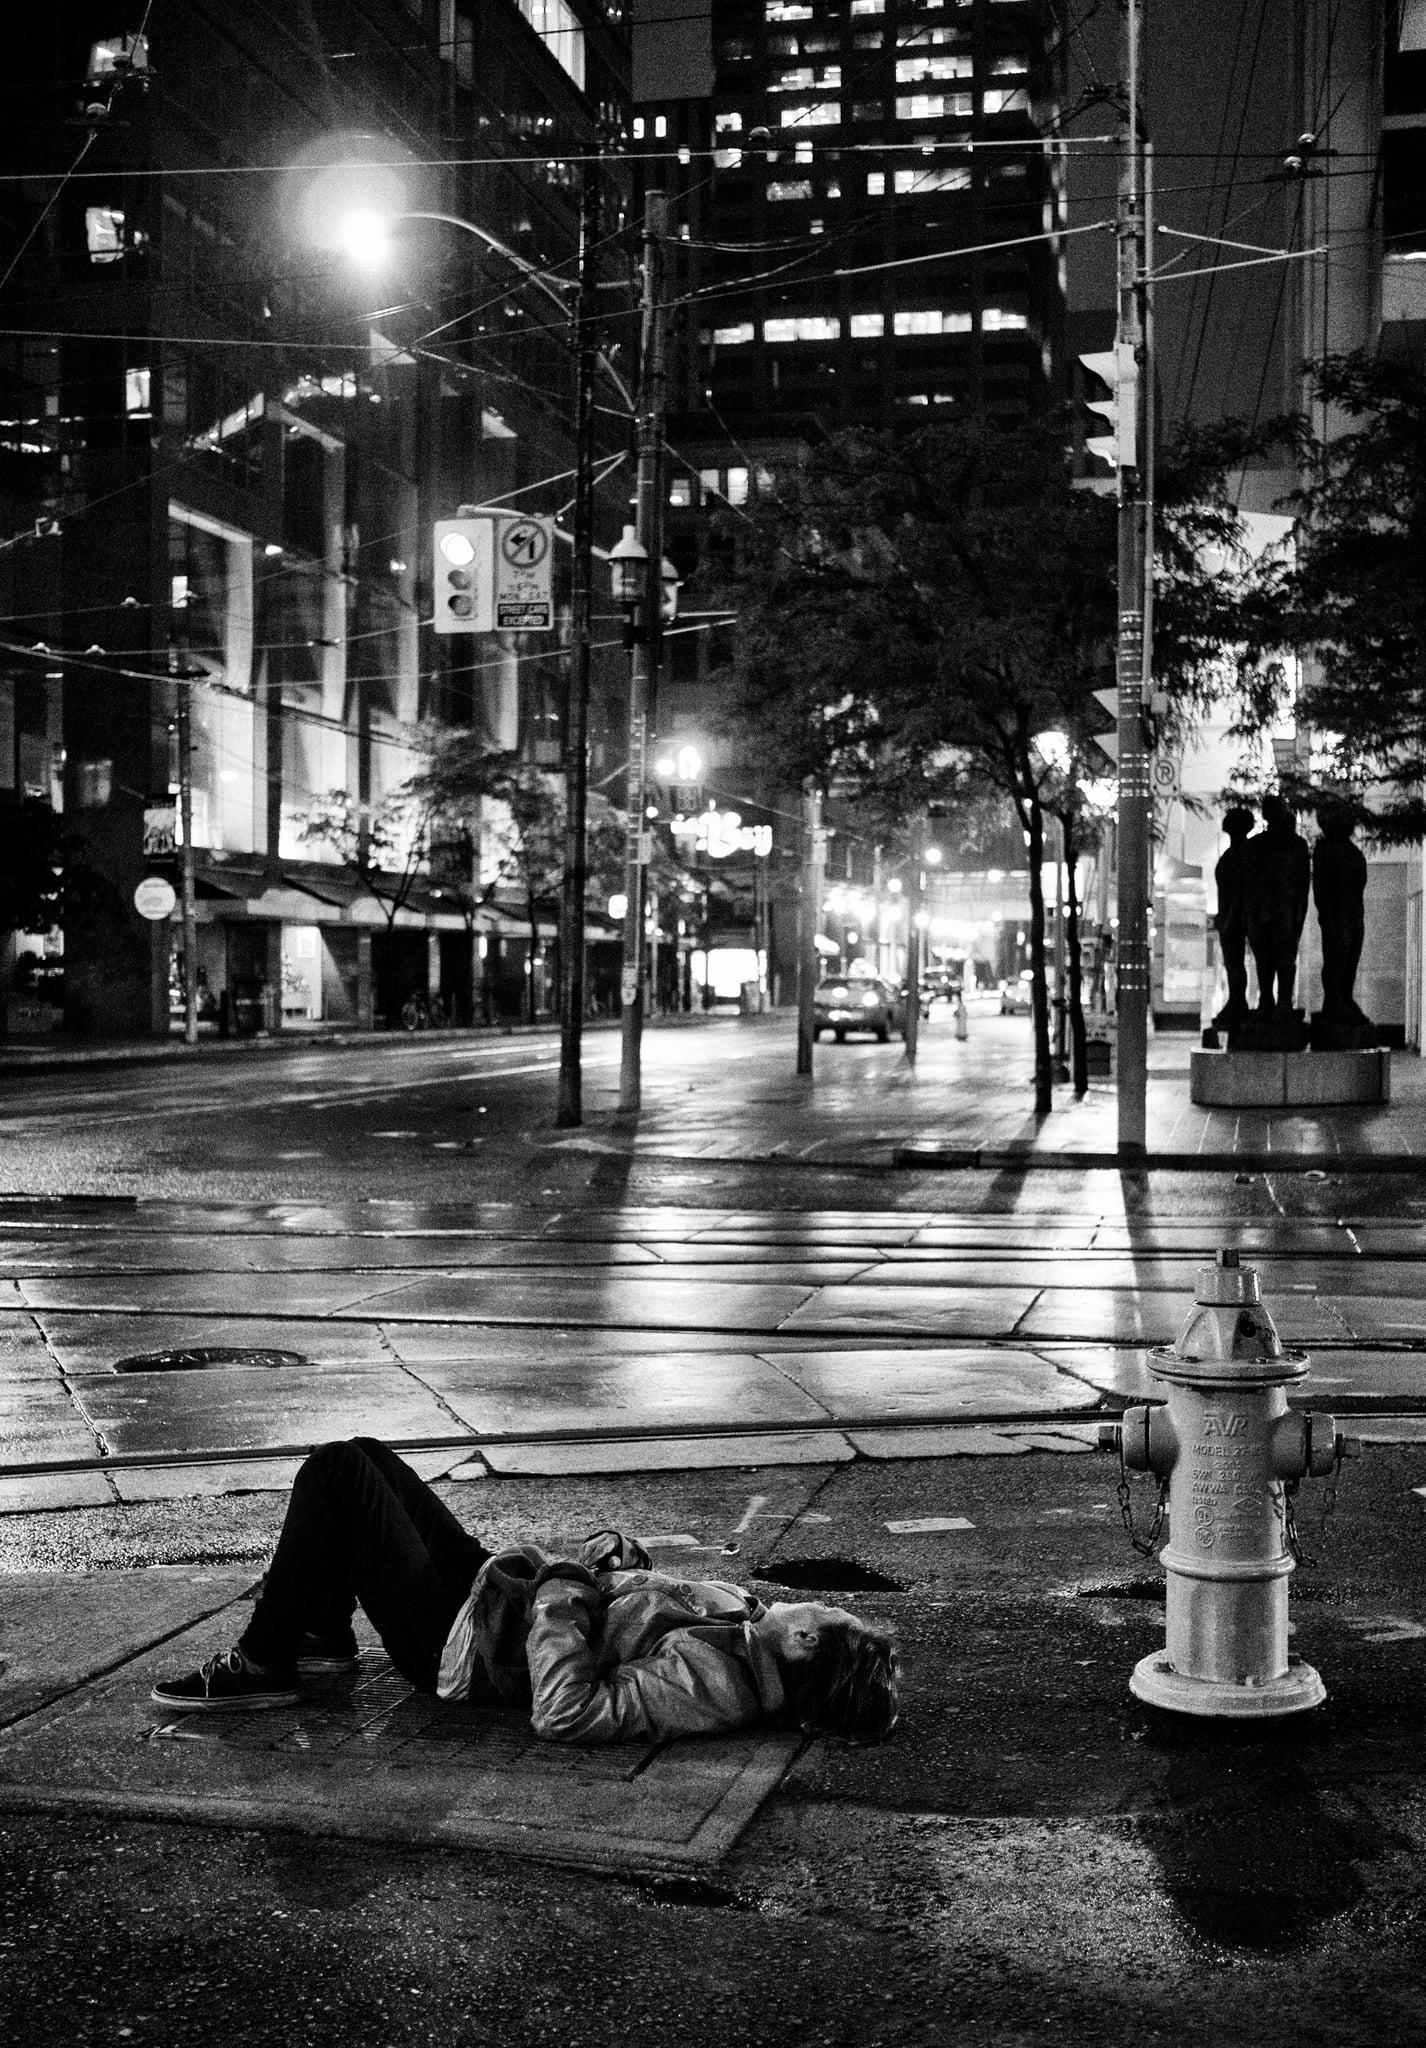 homeless_asleep_rain_night_queen-victoria_01.jpg